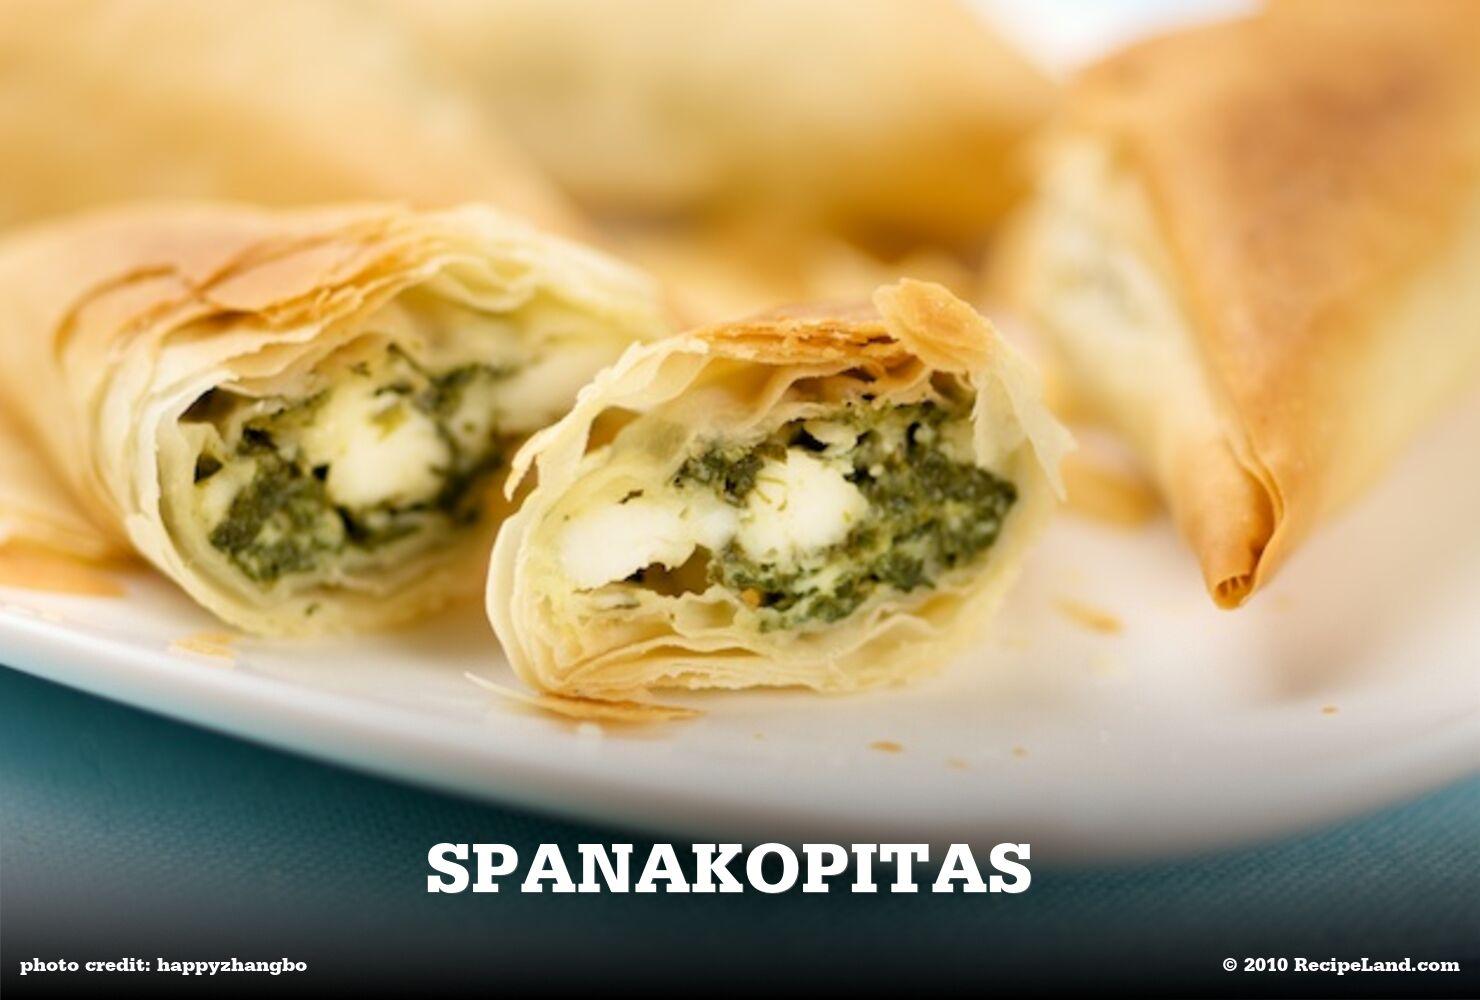 Spanakopitas